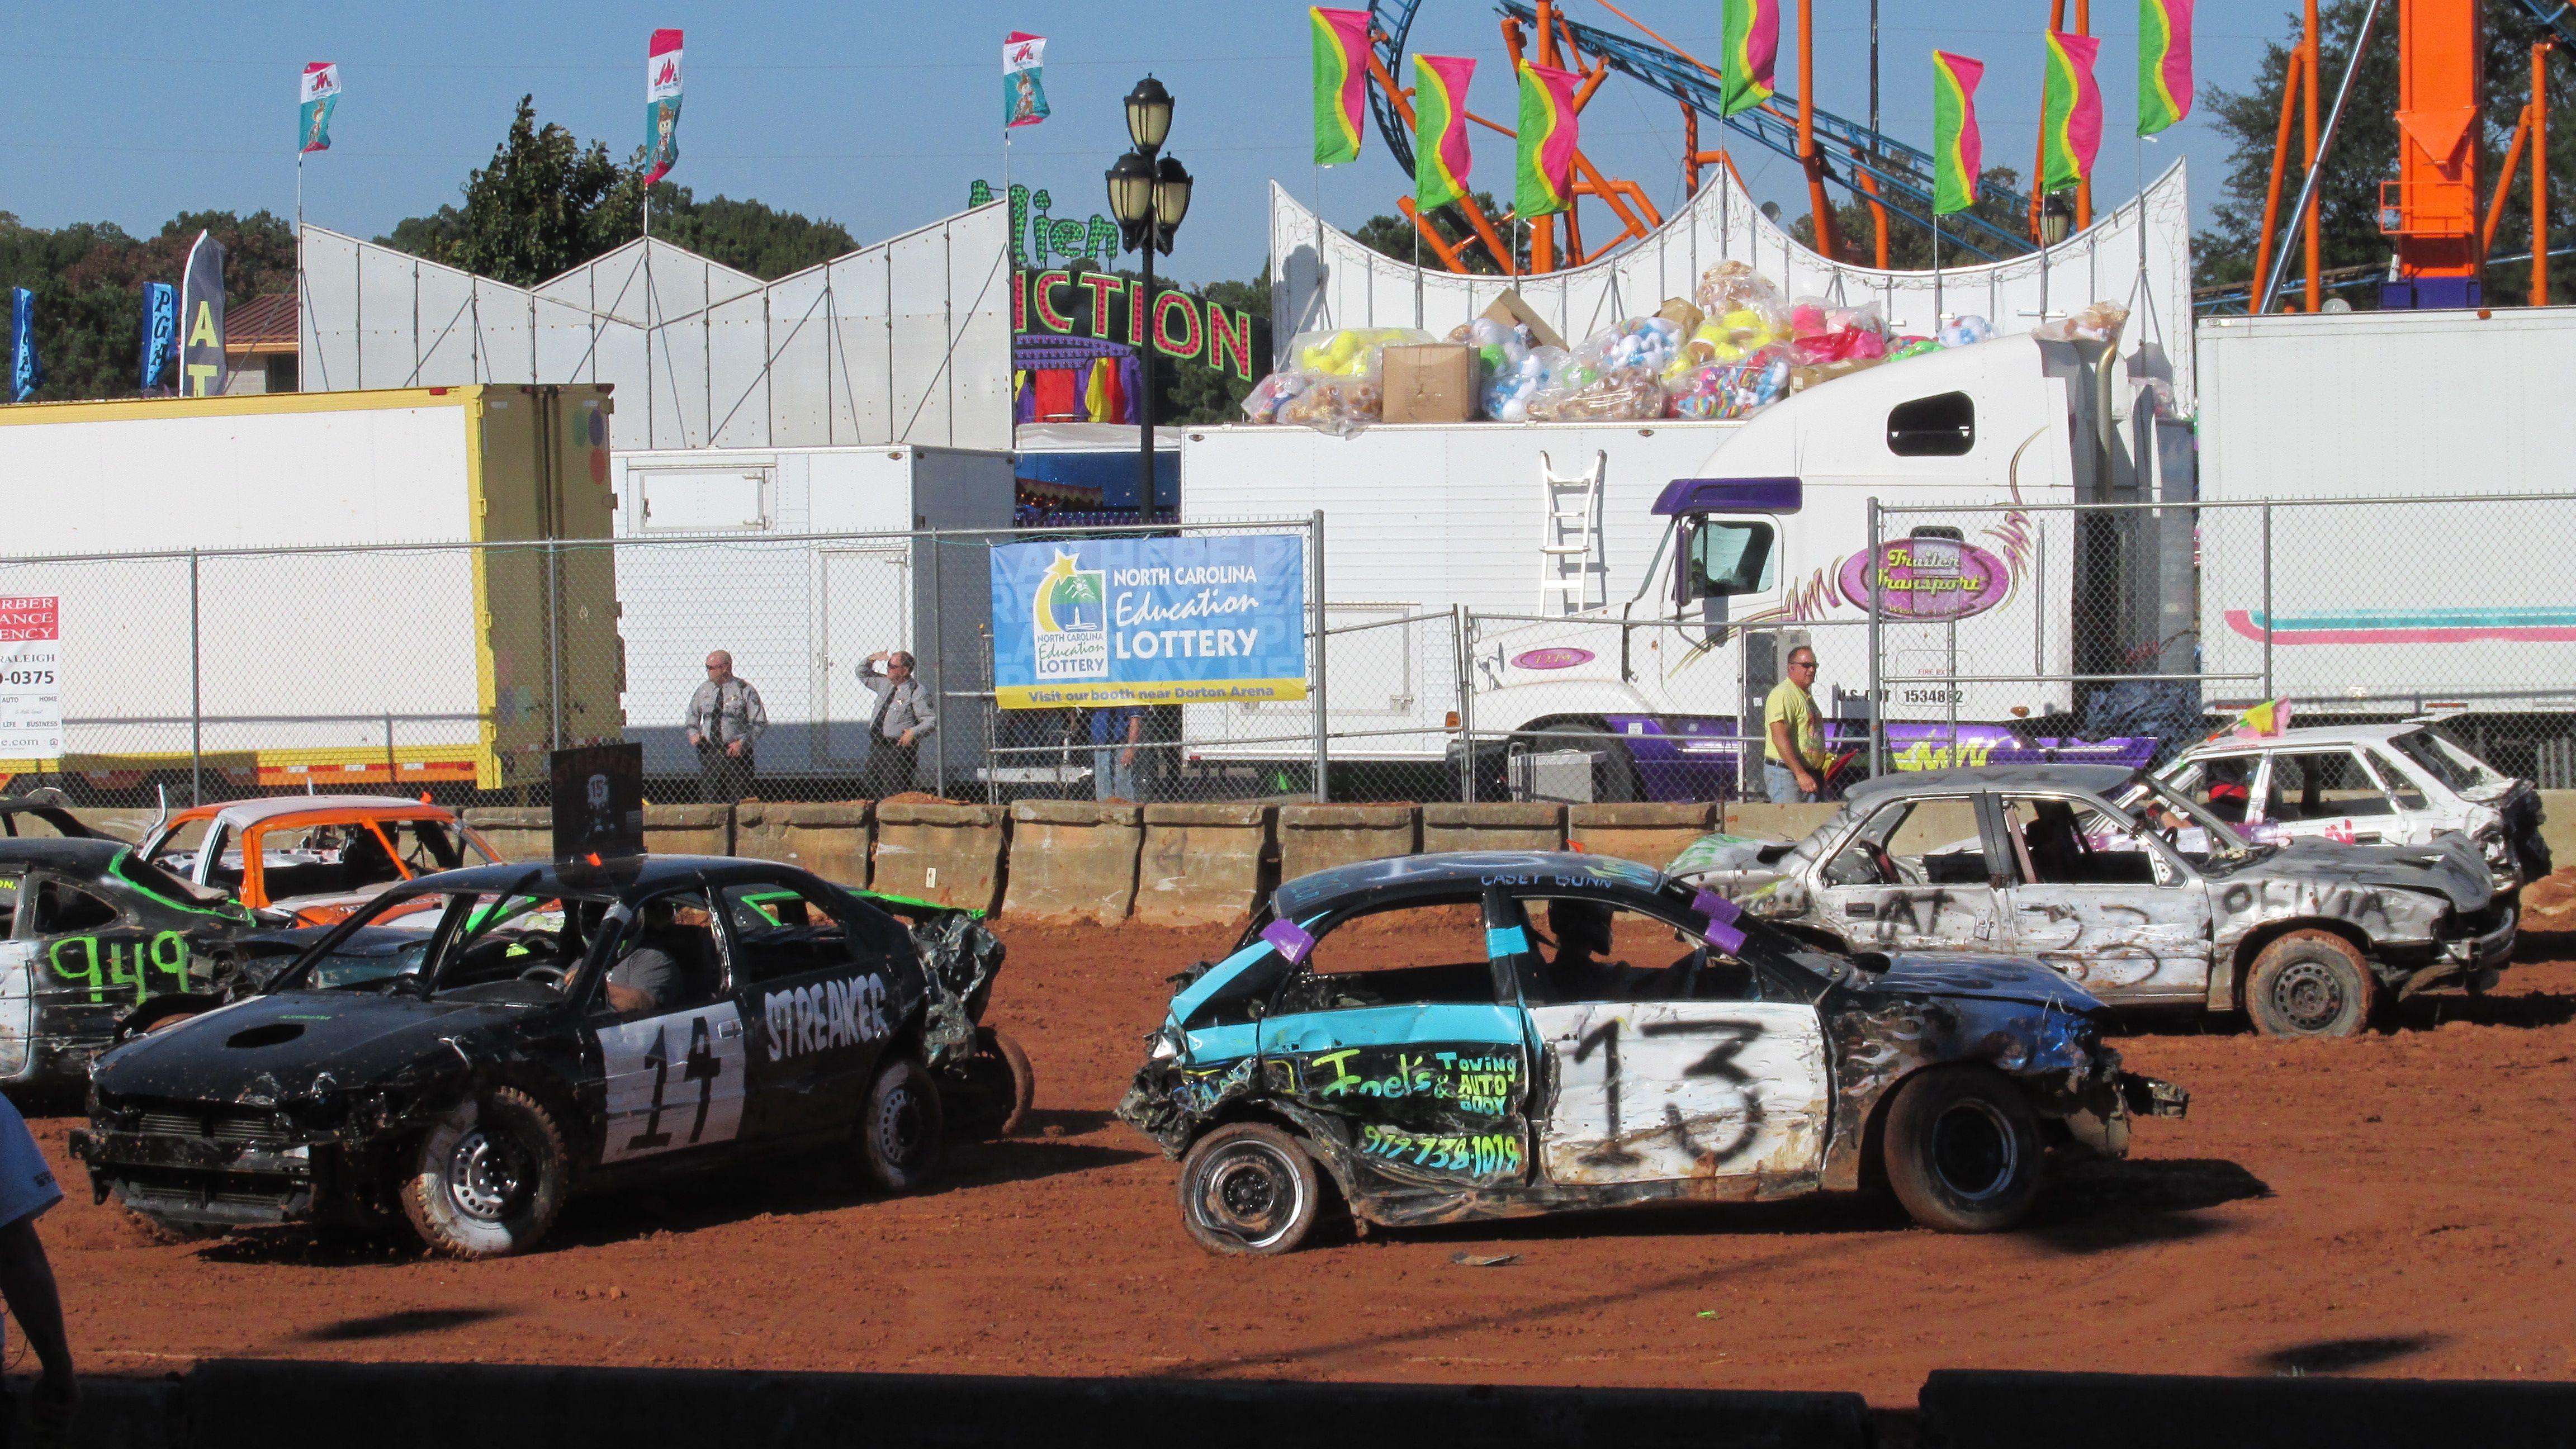 Demolition derby! So much fun to watch! Demolition derby